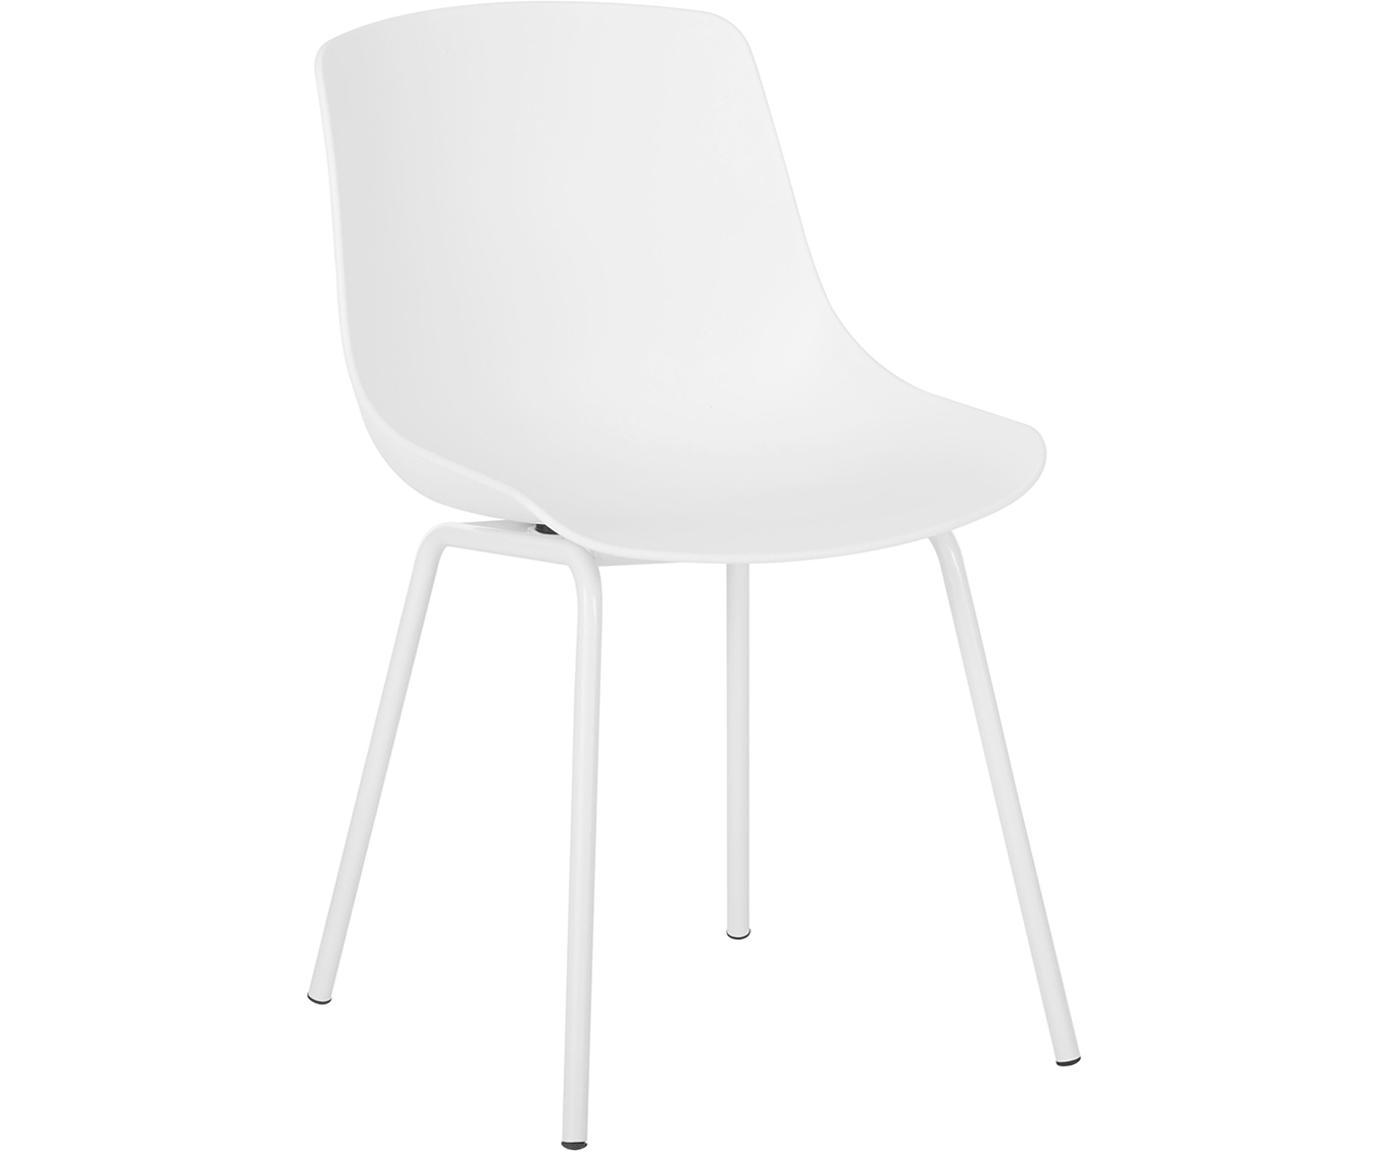 Kunststoffstühle Dave mit Metallbeinen, 2 Stück, Sitzfläche: Kunststoff, Beine: Metall, pulverbeschichtet, Weiss, B 46 x T 53 cm